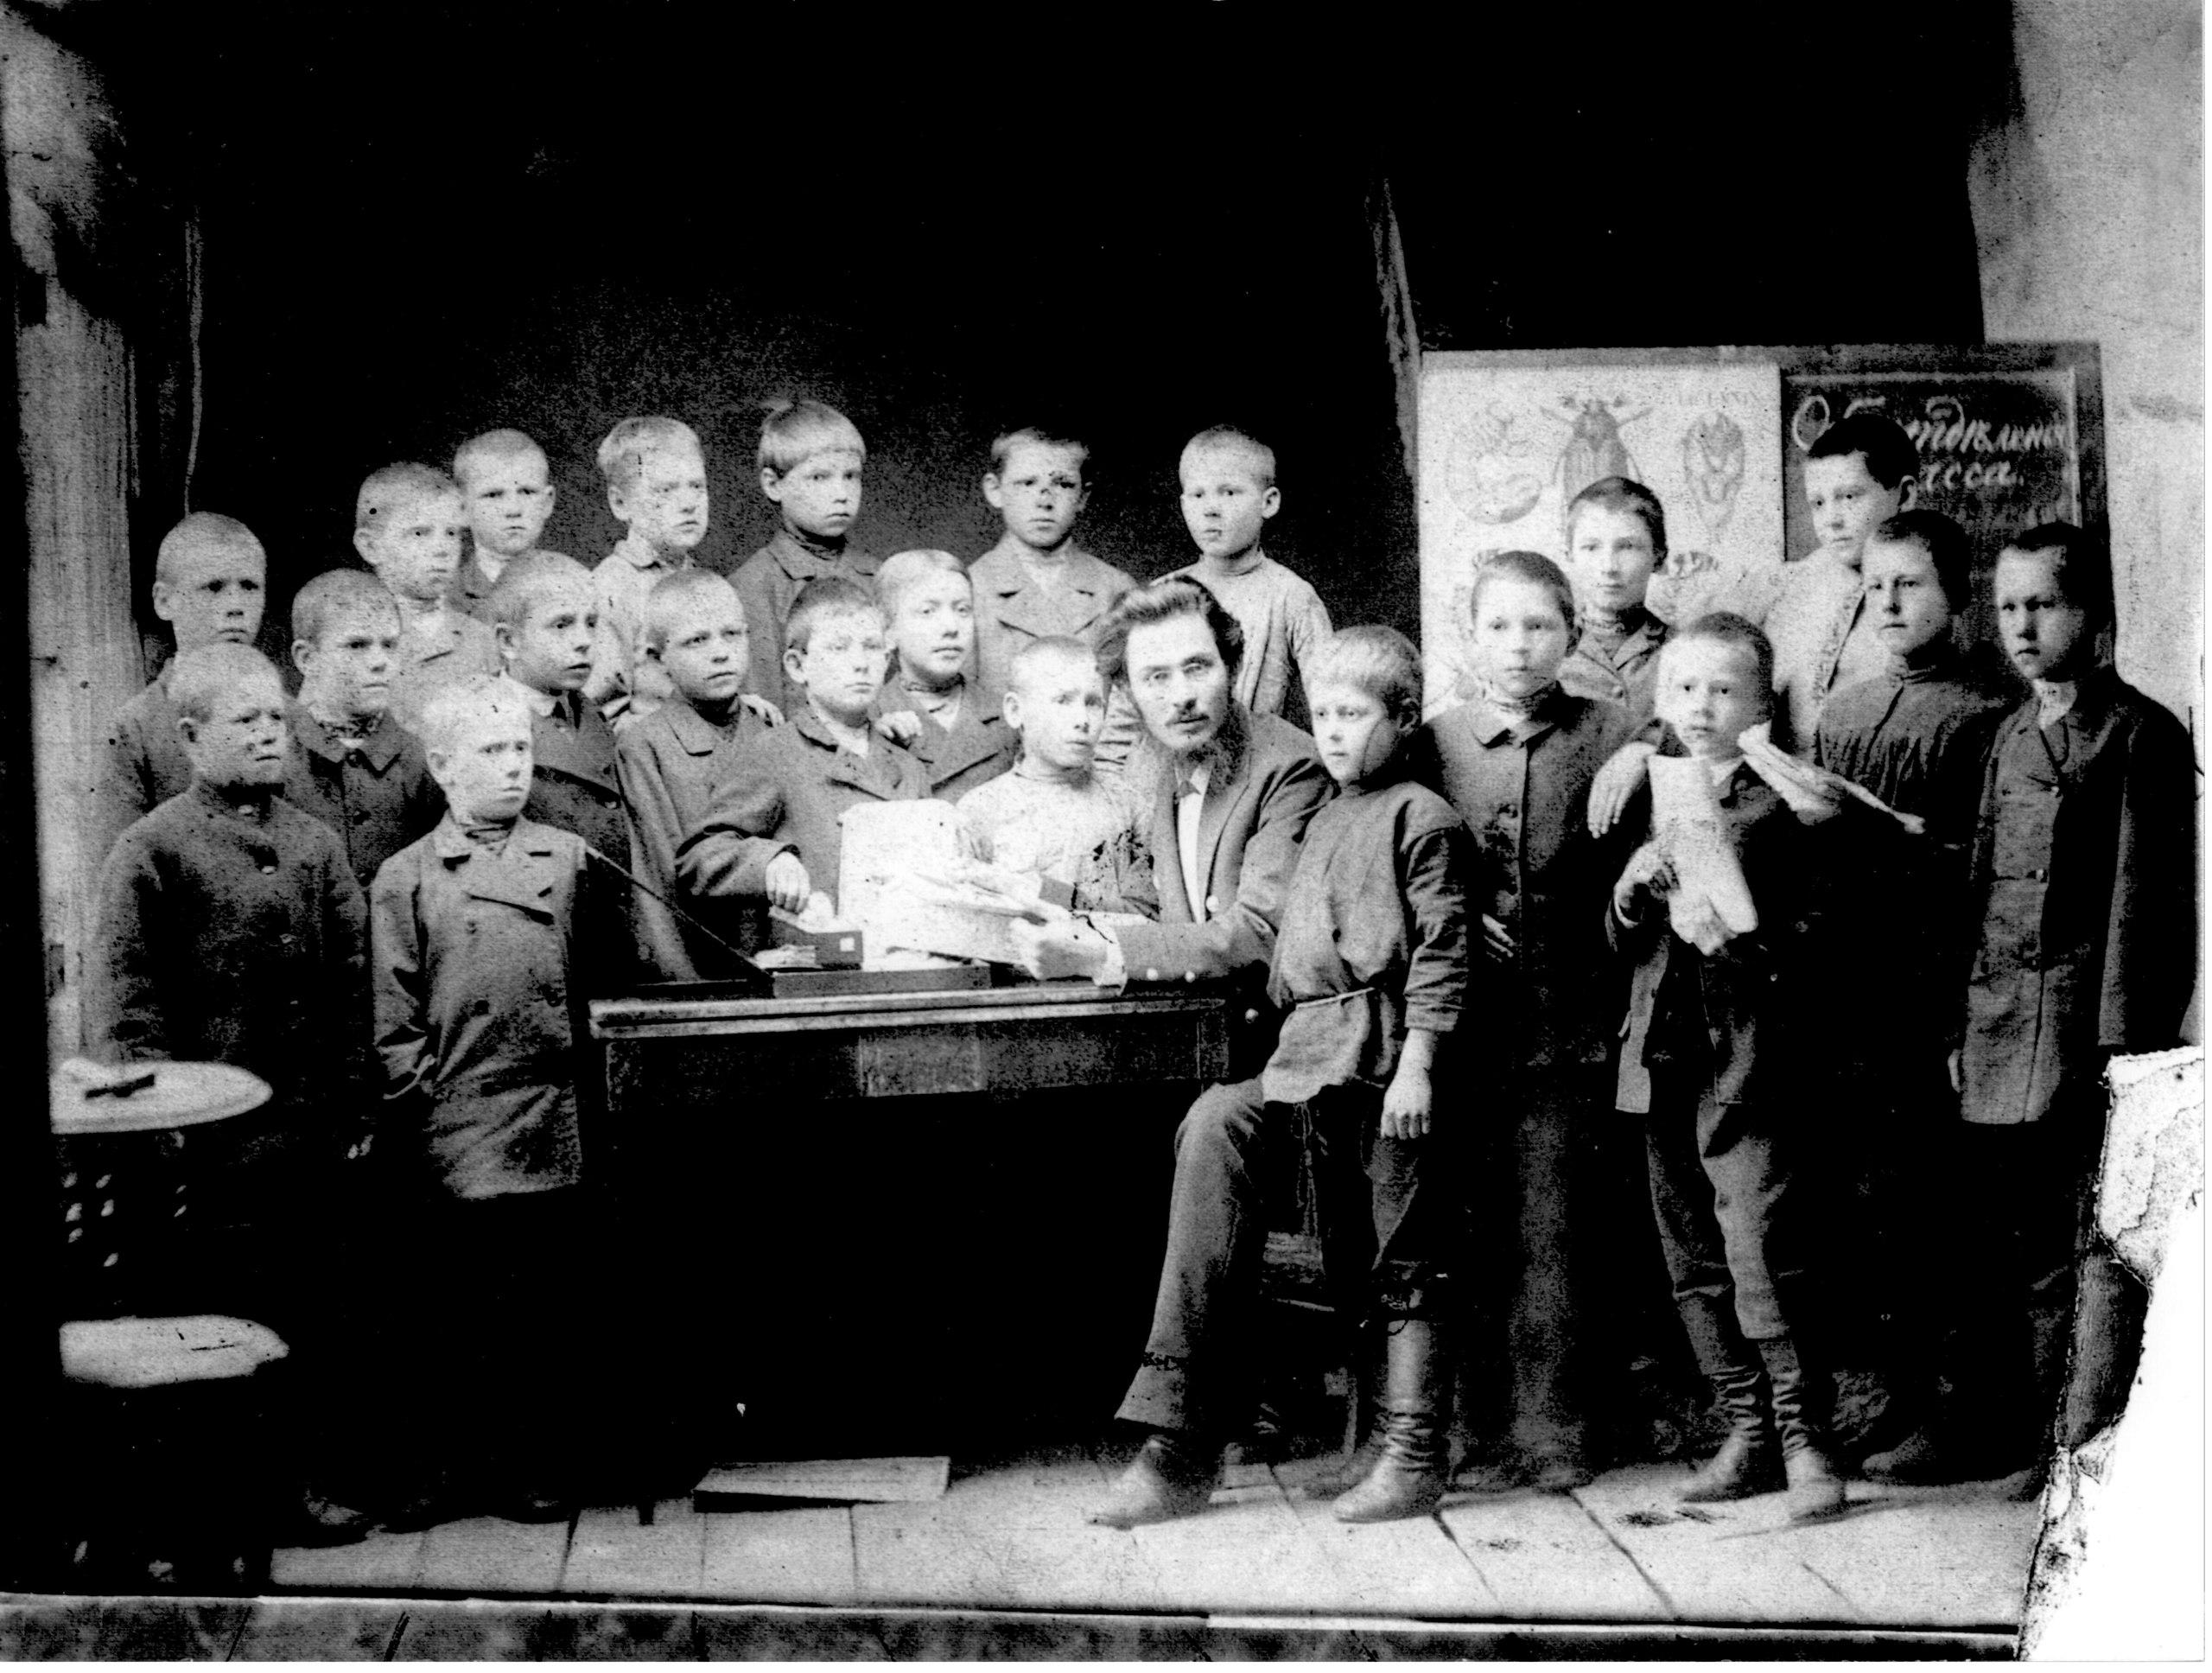 Ученики приходской школы, конец 1880х. Крайний справа - Александр Тетюев, будущий священник